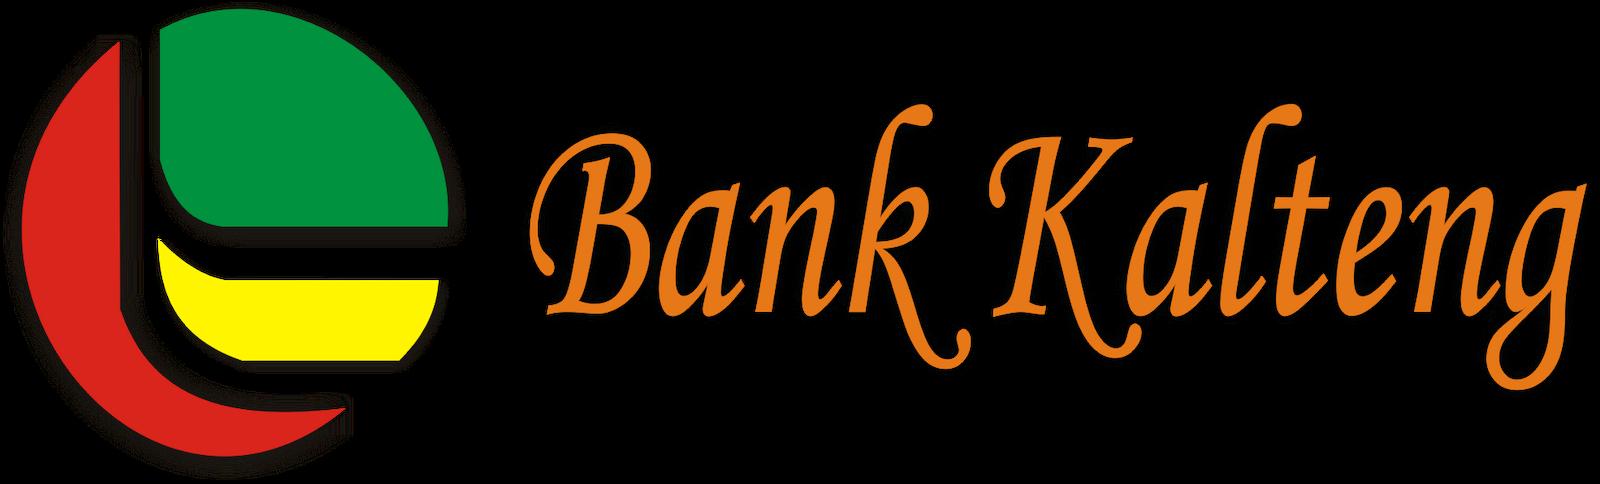 logo bank kaltim bank kalsel dan bank kalteng ardi la